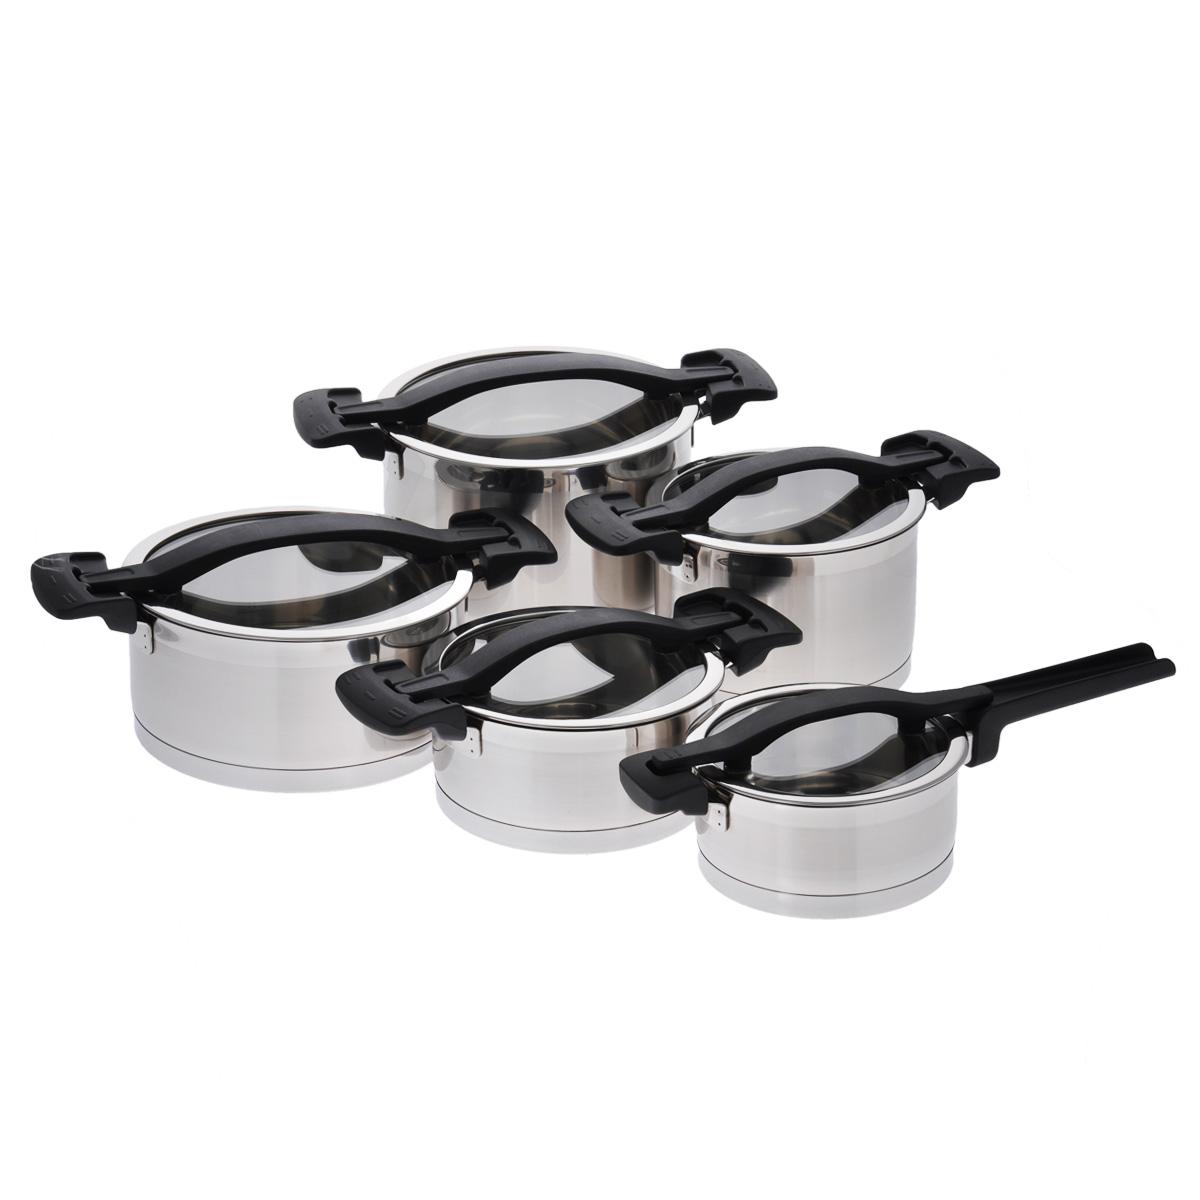 Набор посуды Tescoma Ultima, 10 предметовWLT-415-102Набор посуды Tescoma Ultima, изготовленный из высококачественной нержавеющей стали 18/10, состоит из четырех кастрюль и ковша. Все предметы набора оснащены стеклянными крышками. Крышки снабжены ободами из нержавеющей стали и удобными нейлоновыми ручками. Уникальные крышки оснащены тремя рабочими функциями: без отверстия для пара - быстрое кипячение и разогрев еды, экономия энергии;небольшое отверстие для пара - для комфортного приготовления пищи; большое отверстие для пара - для приготовления жидких блюд, картофеля,макарон, супов.Посуда снабжена толстым многослойным дном, что значительно снижает вероятность пригорания пищи. Внешняя поверхность изделий оформлена сочетанием зеркальной и матовой полировки. Изделия оснащены удобными ручками из прочного и легкого нейлона. Набор посуды Tescoma Ultima - это идеальный подарок для современных хозяек, которые следят за своим здоровьем и здоровьем своей семьи. Эргономичный дизайн и функциональность позволят вам наслаждаться процессом приготовления любимых и полезных для здоровья блюд. Можно мыть в посудомоечной машине. Набор пригоден для всех типов плит, включая индукционные. Диаметр кастрюль: 18 см, 18 см, 22 см, 22 см.Объем кастрюль: 2 л, 3 л, 4 л, 5,5 л.Высота кастрюль: 12,5 см, 11 см, 15 см, 9 см.Ширина кастрюль (с учетом крышек): 31 см, 35 см, 31 см, 35 см.Диаметр ковша: 16 см.Объем ковша: 1,5 л.Высота ковша: 8 см.Длина ручки ковша: 15 см.Толщина стенок посуды: 2 мм.Толщина дна посуды: 3 мм.